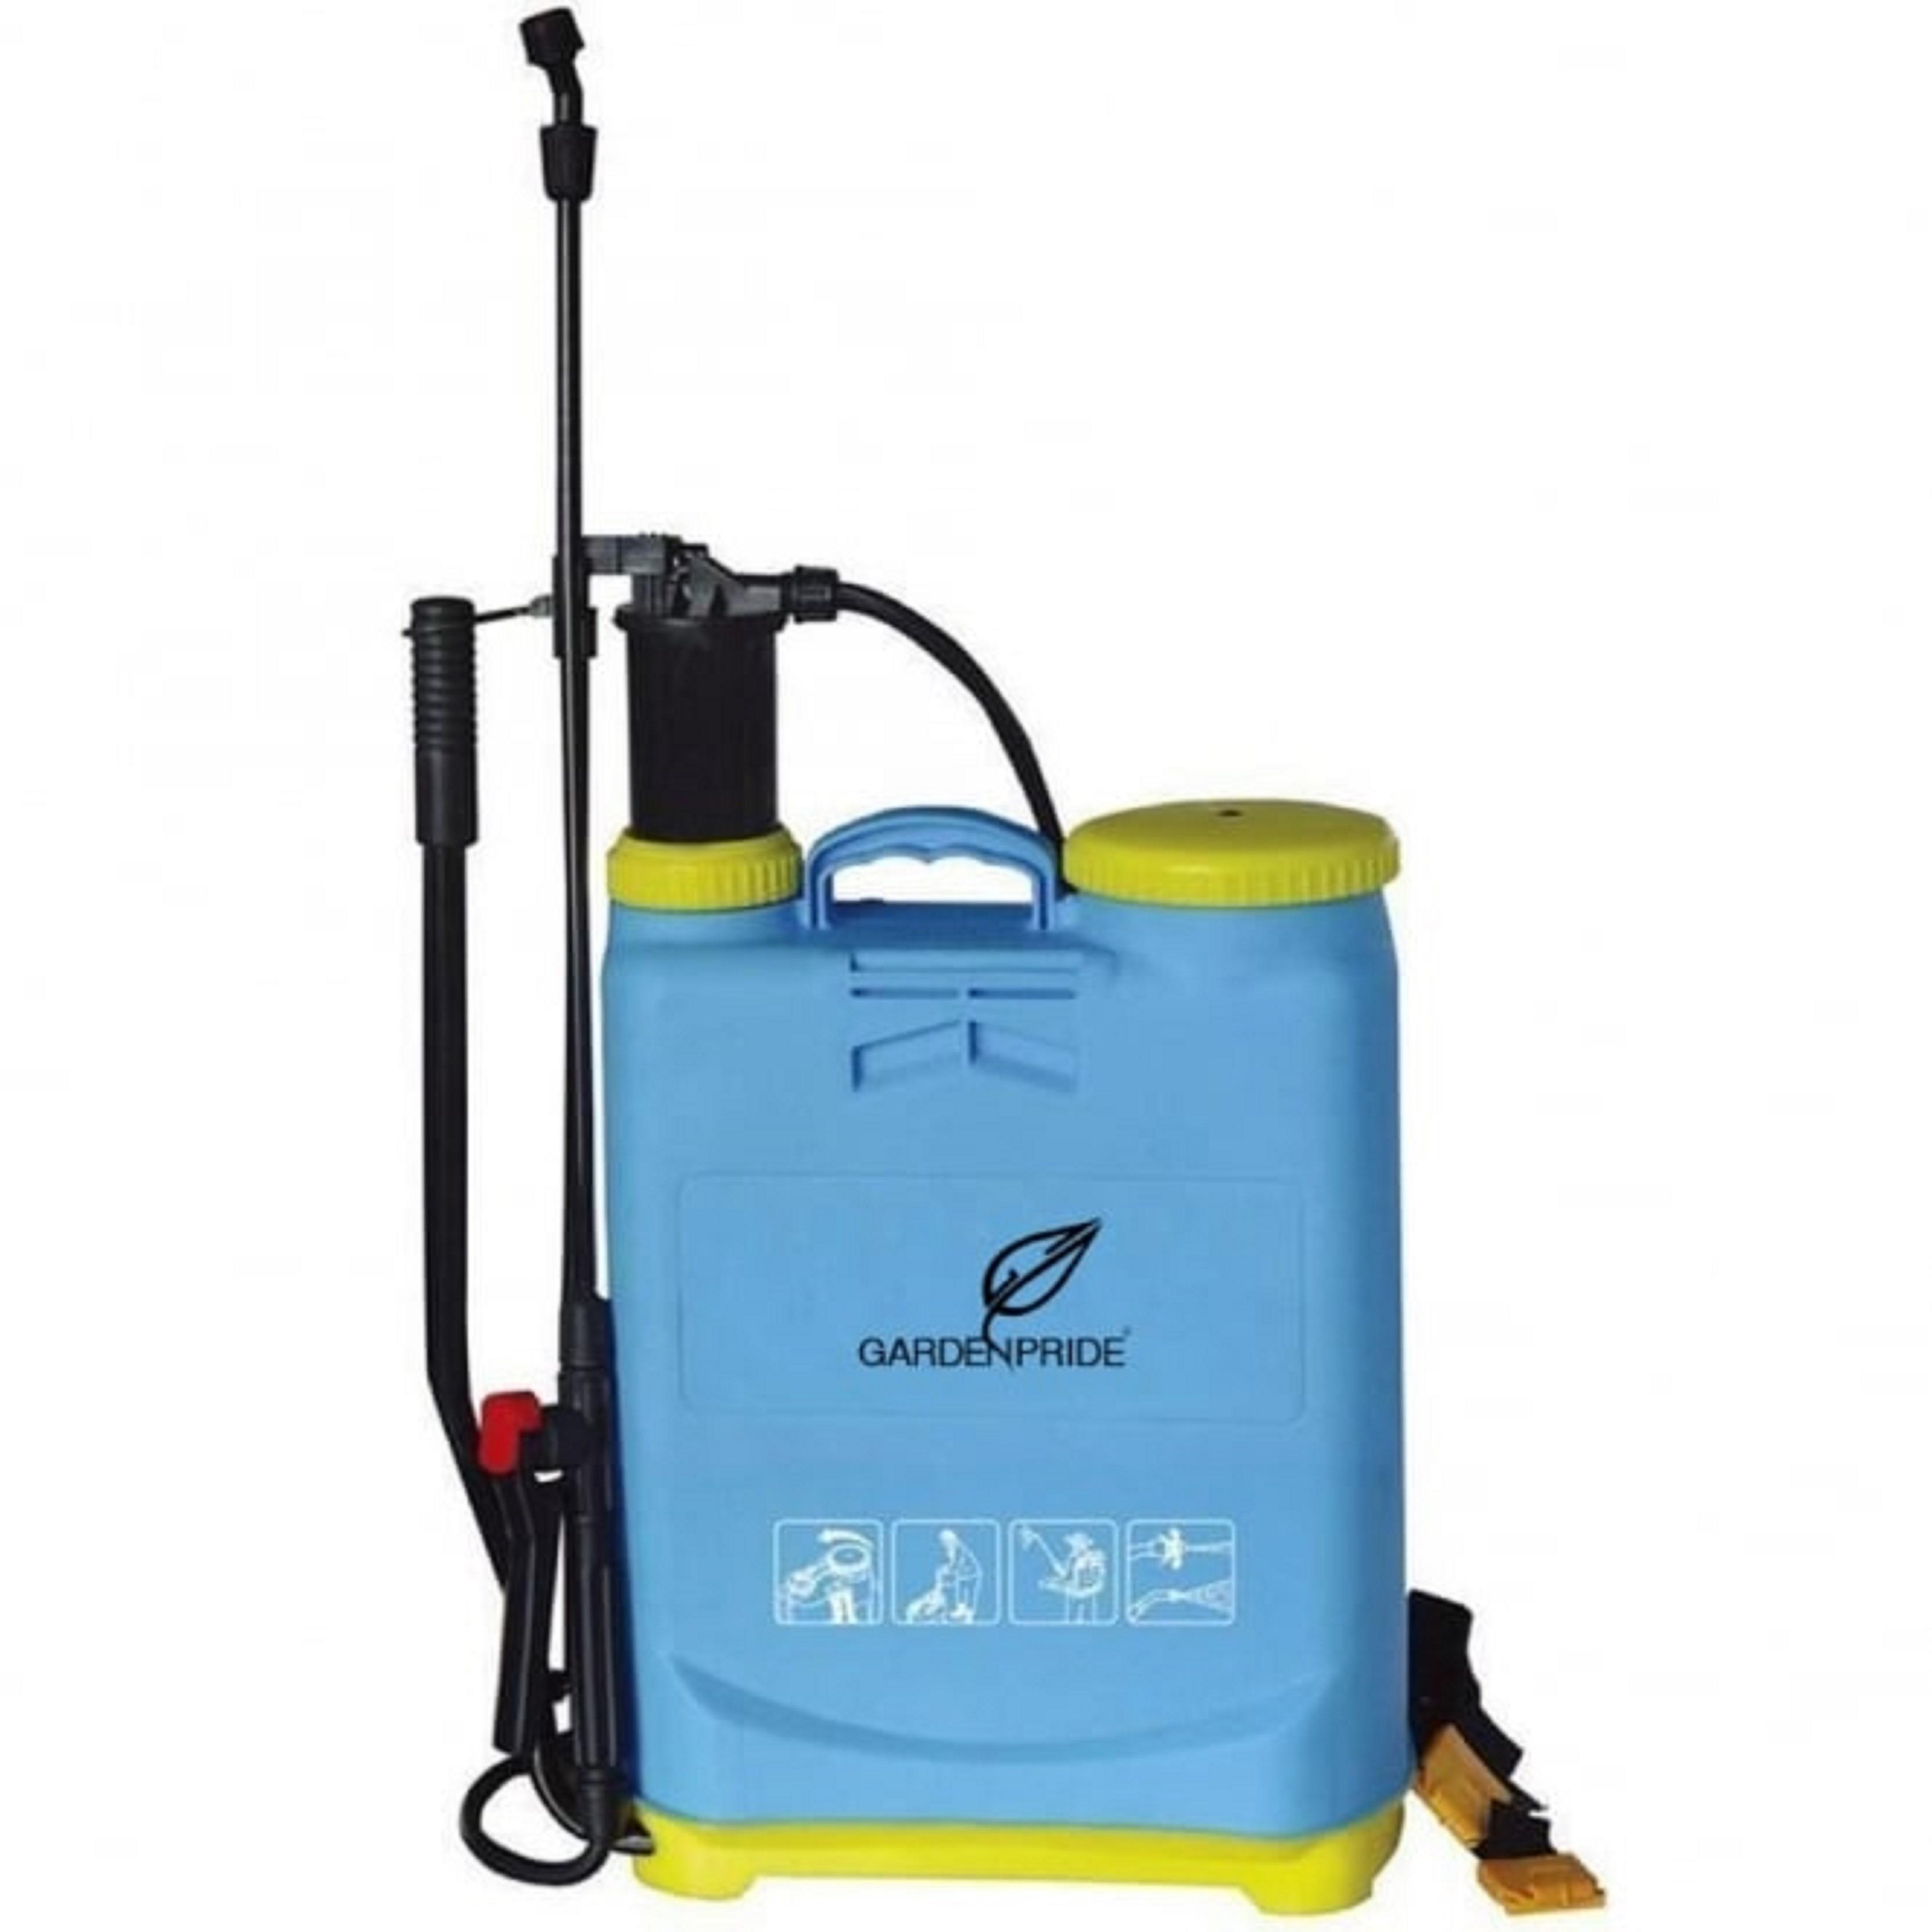 GARDEN PRIDE 16 Litre Back Pack Sprayer